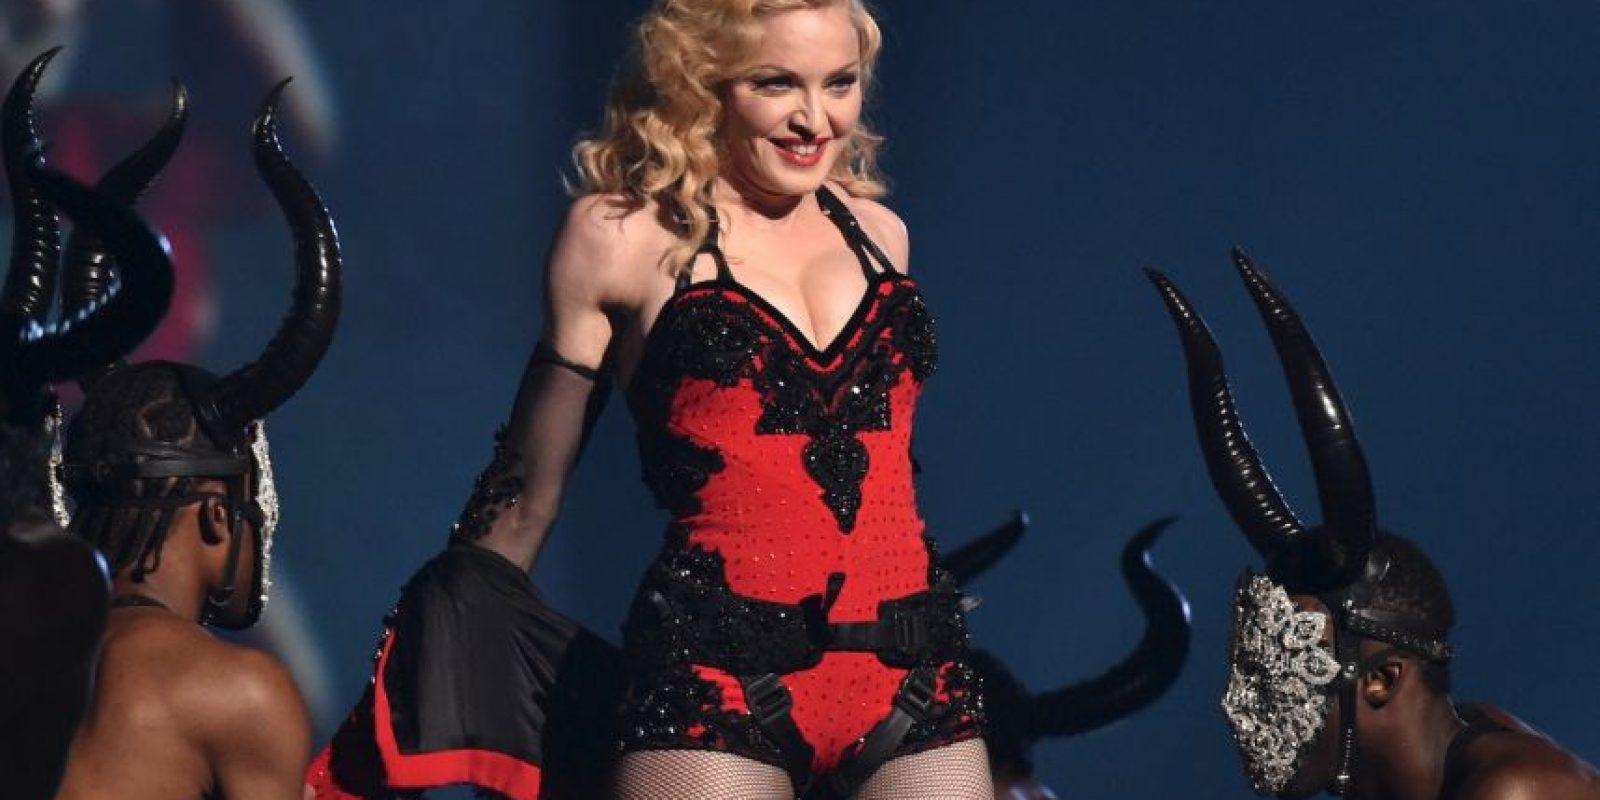 Así fue el show de Madonna en los Brit Awards Foto:AP